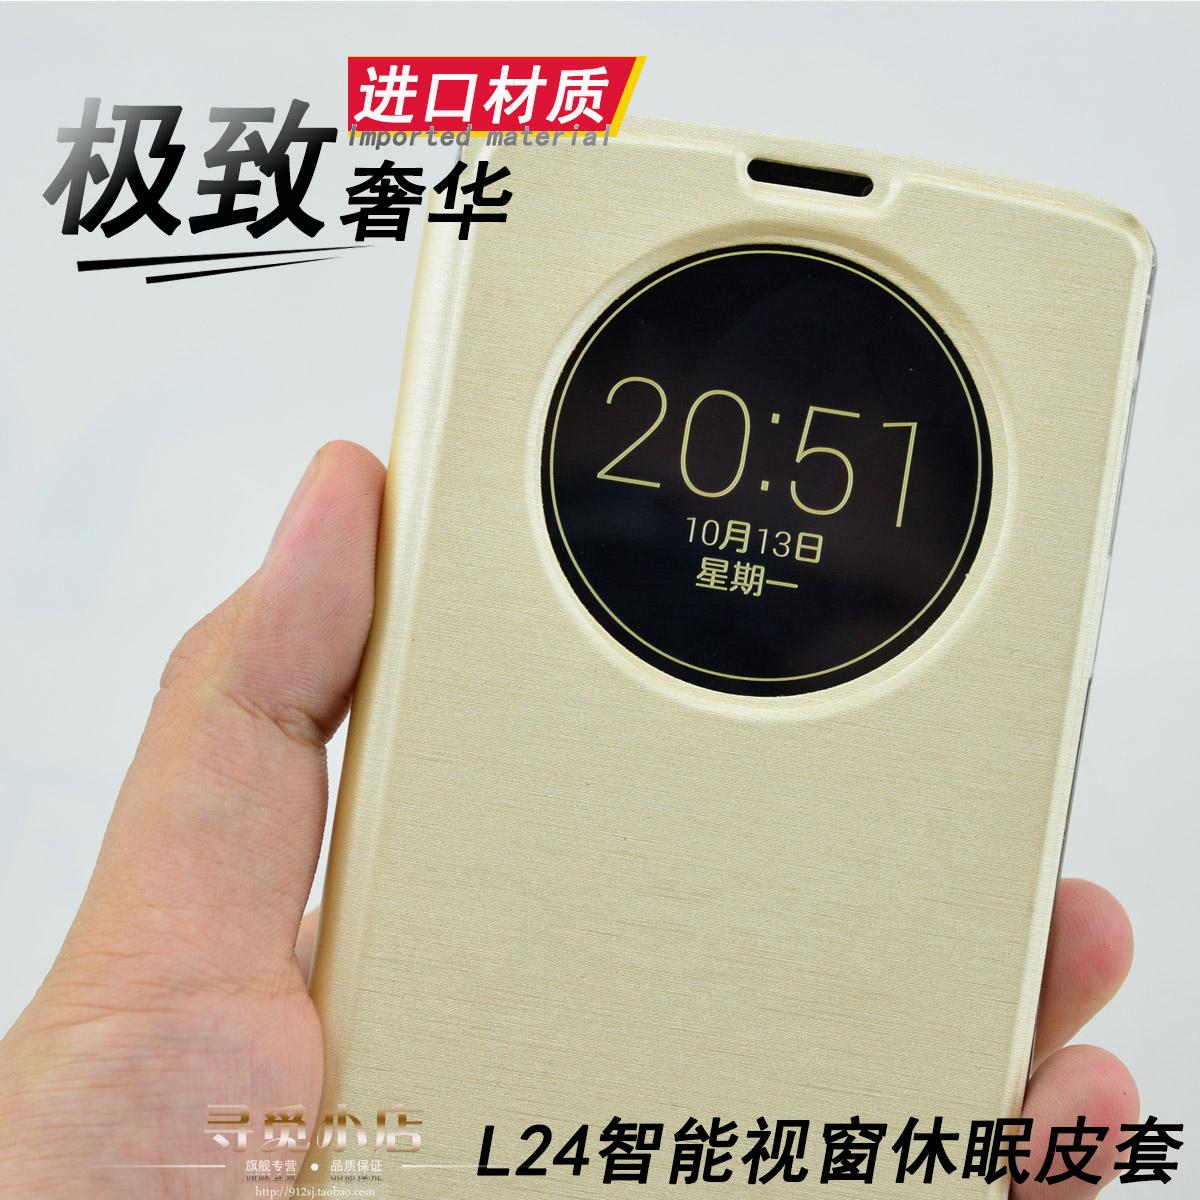 Чехлы, Накладки для телефонов, КПК LG  L24 G3 L24 Isai L24 цена и фото